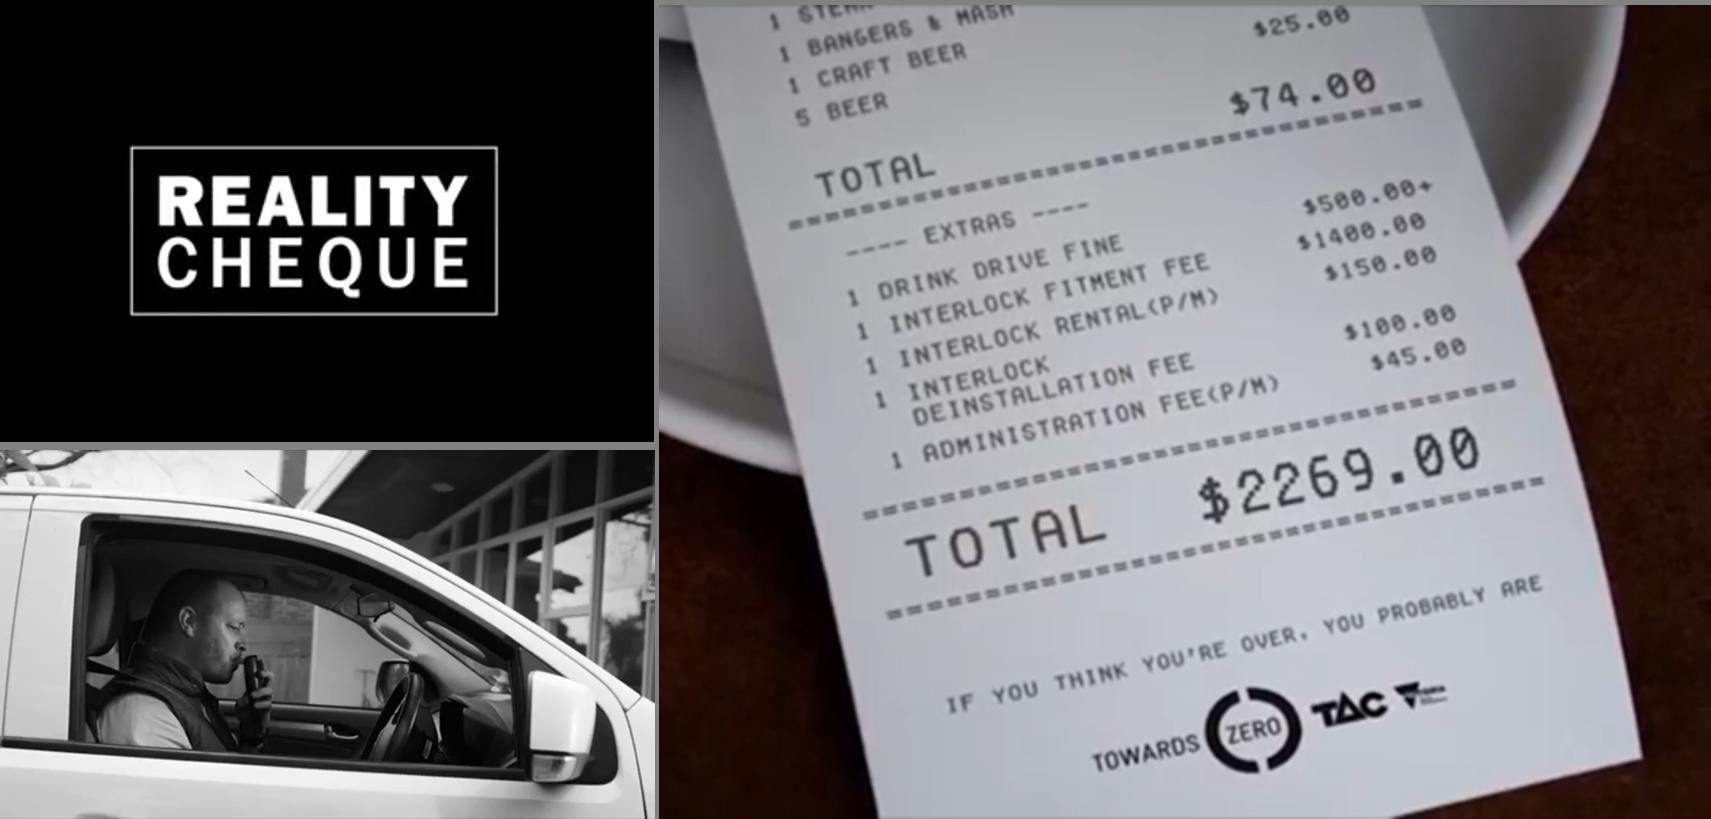 Reality Cheque แผนเตือน 'เมาไม่ขับ' ผ่านบิลค่าอาหารแพงยับเหยียบแสน!